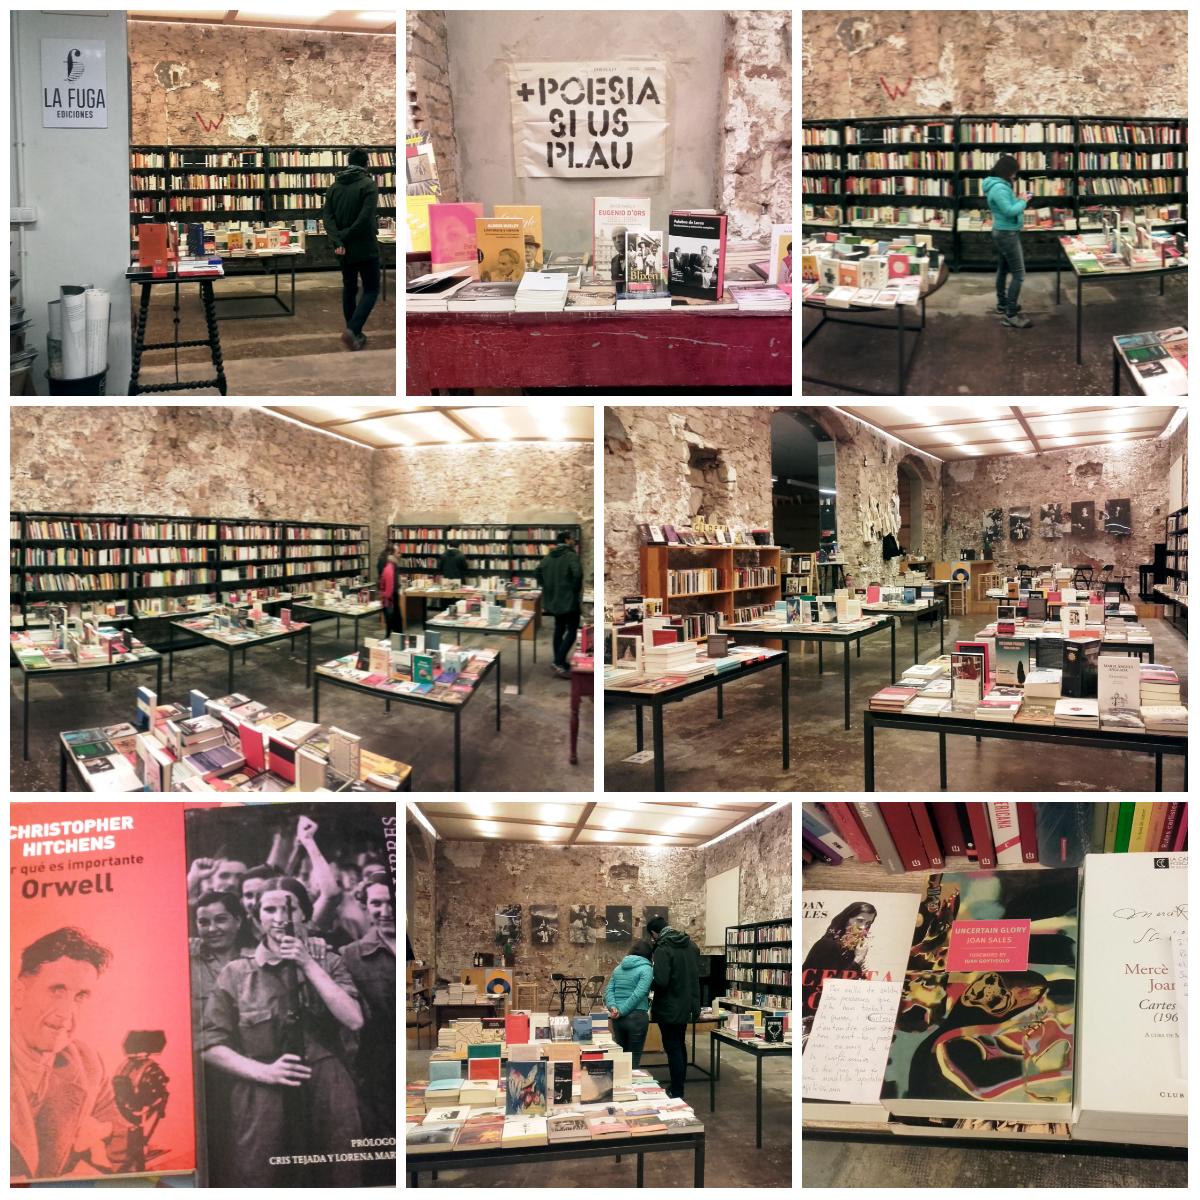 Libreria Barcelona.jpg